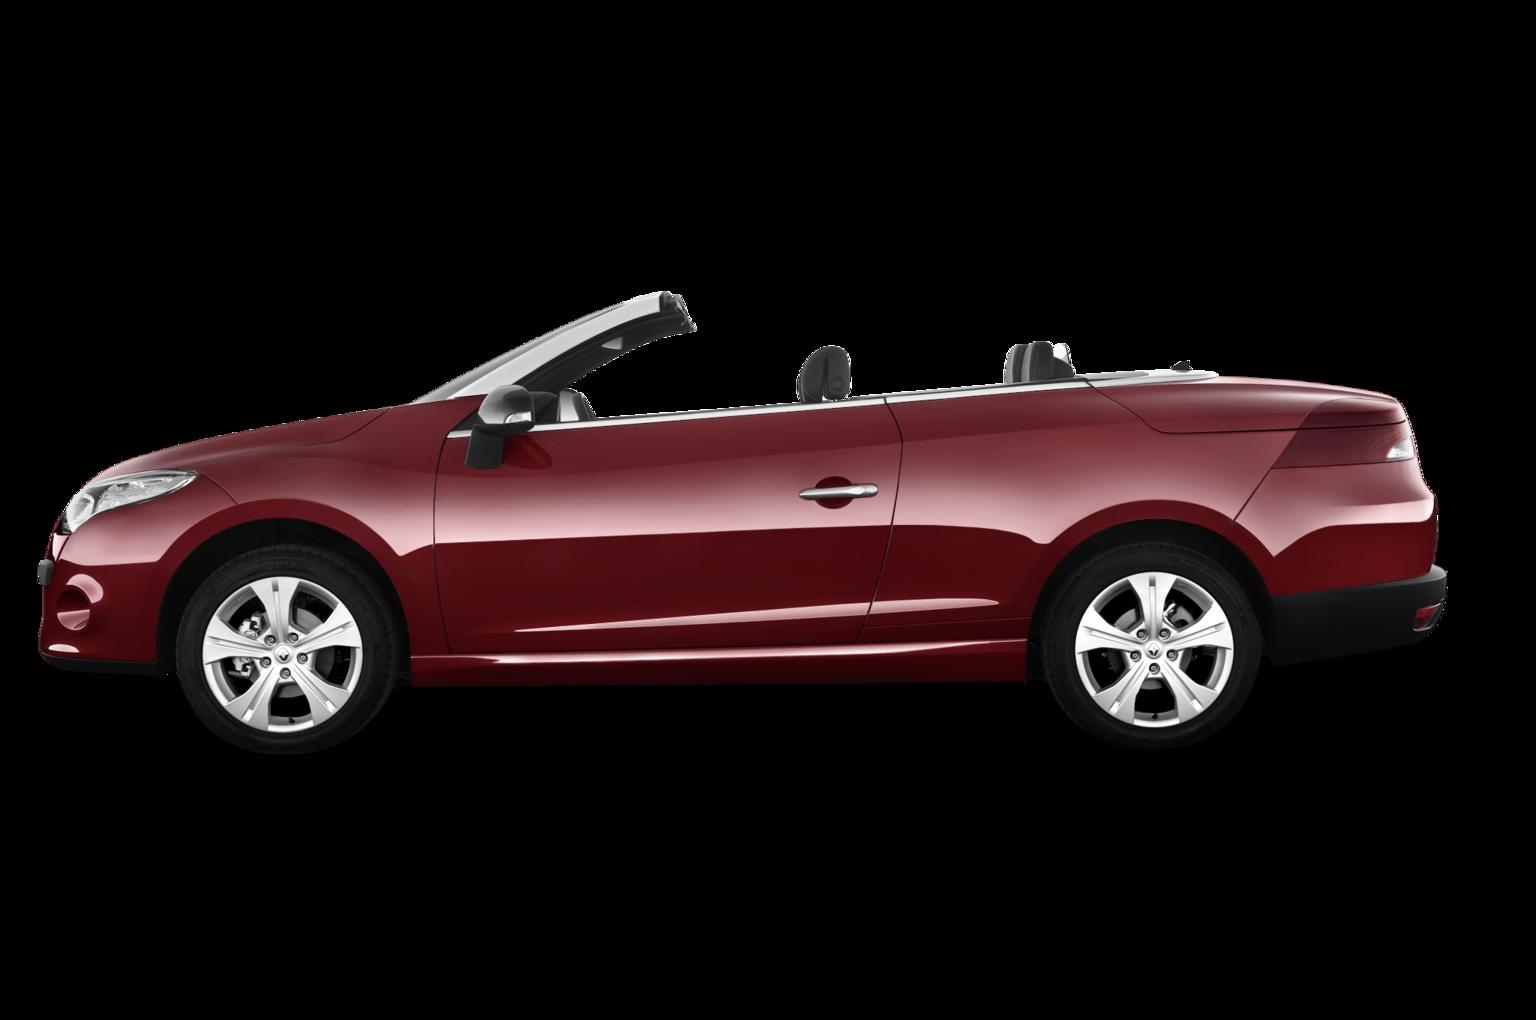 renault megane iii cabrio gebrauchtwagen neuwagen. Black Bedroom Furniture Sets. Home Design Ideas